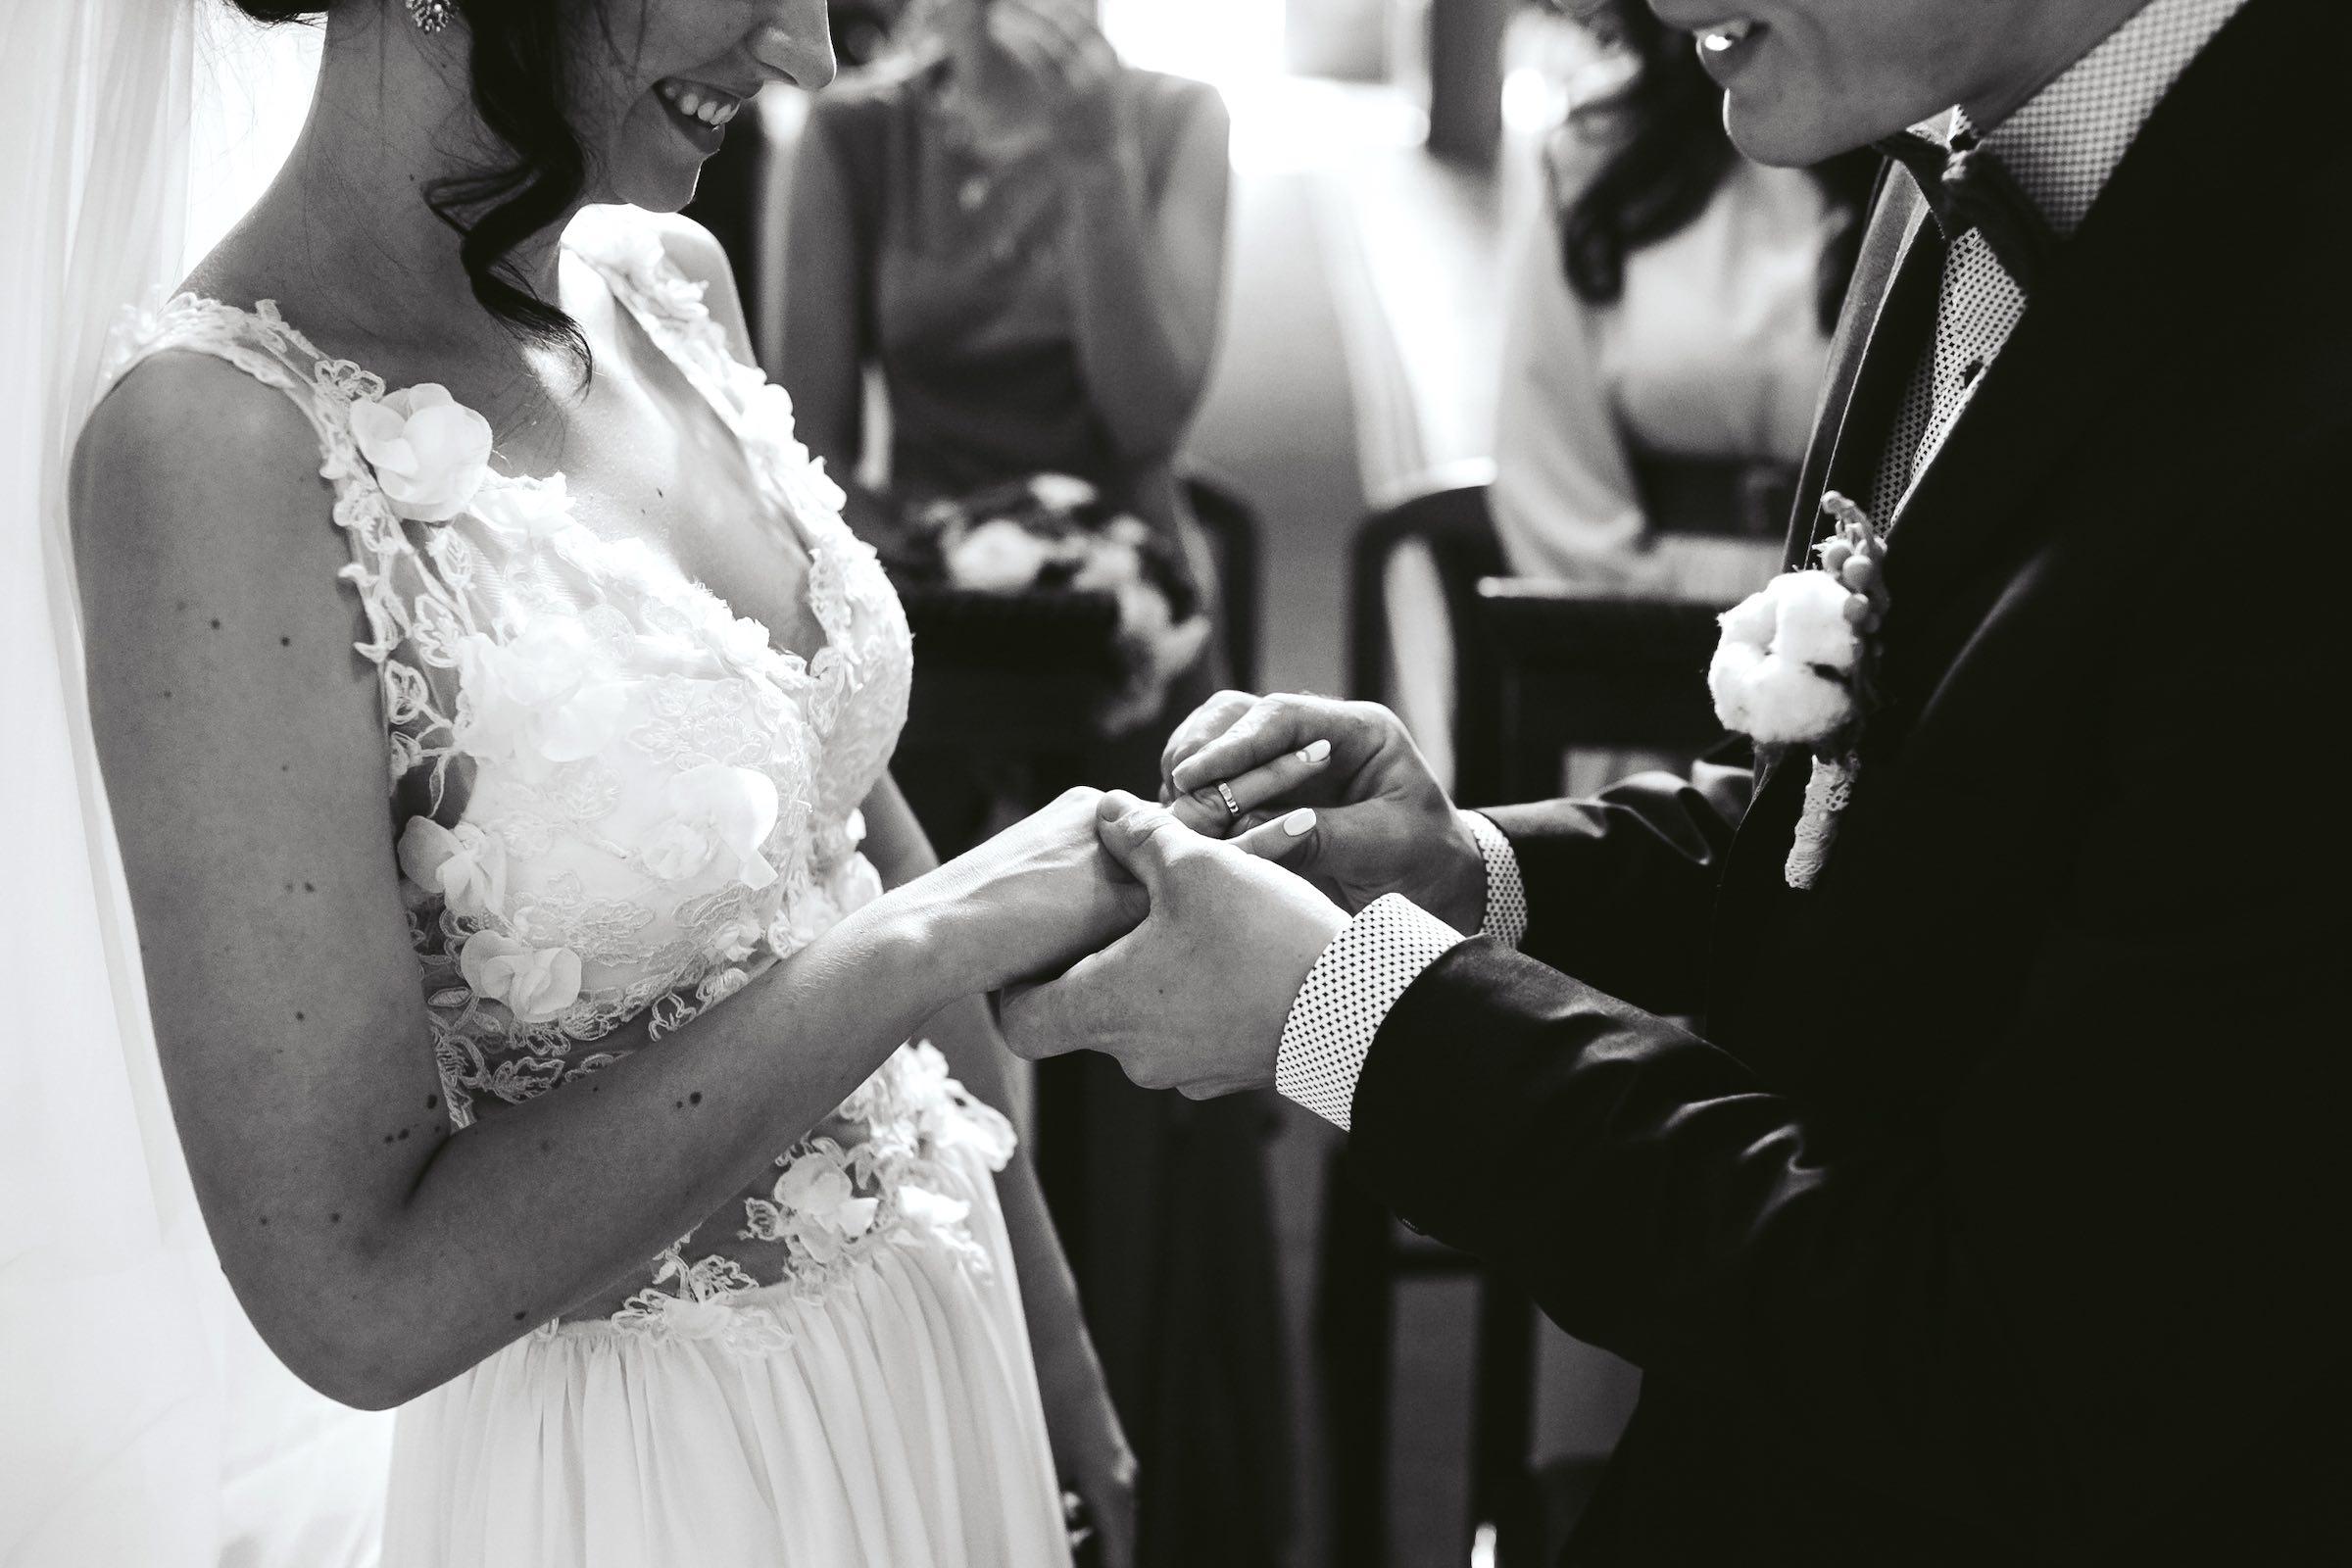 Hochzeitsfotograf | Hannover | Celle | Peine | Fotograf | Braunschweig | Hochzeit | Hochzeitsfotografie | Hochzeitsreportage | Fotografie | Mieten | Buchen | Lehmann | Eventservice